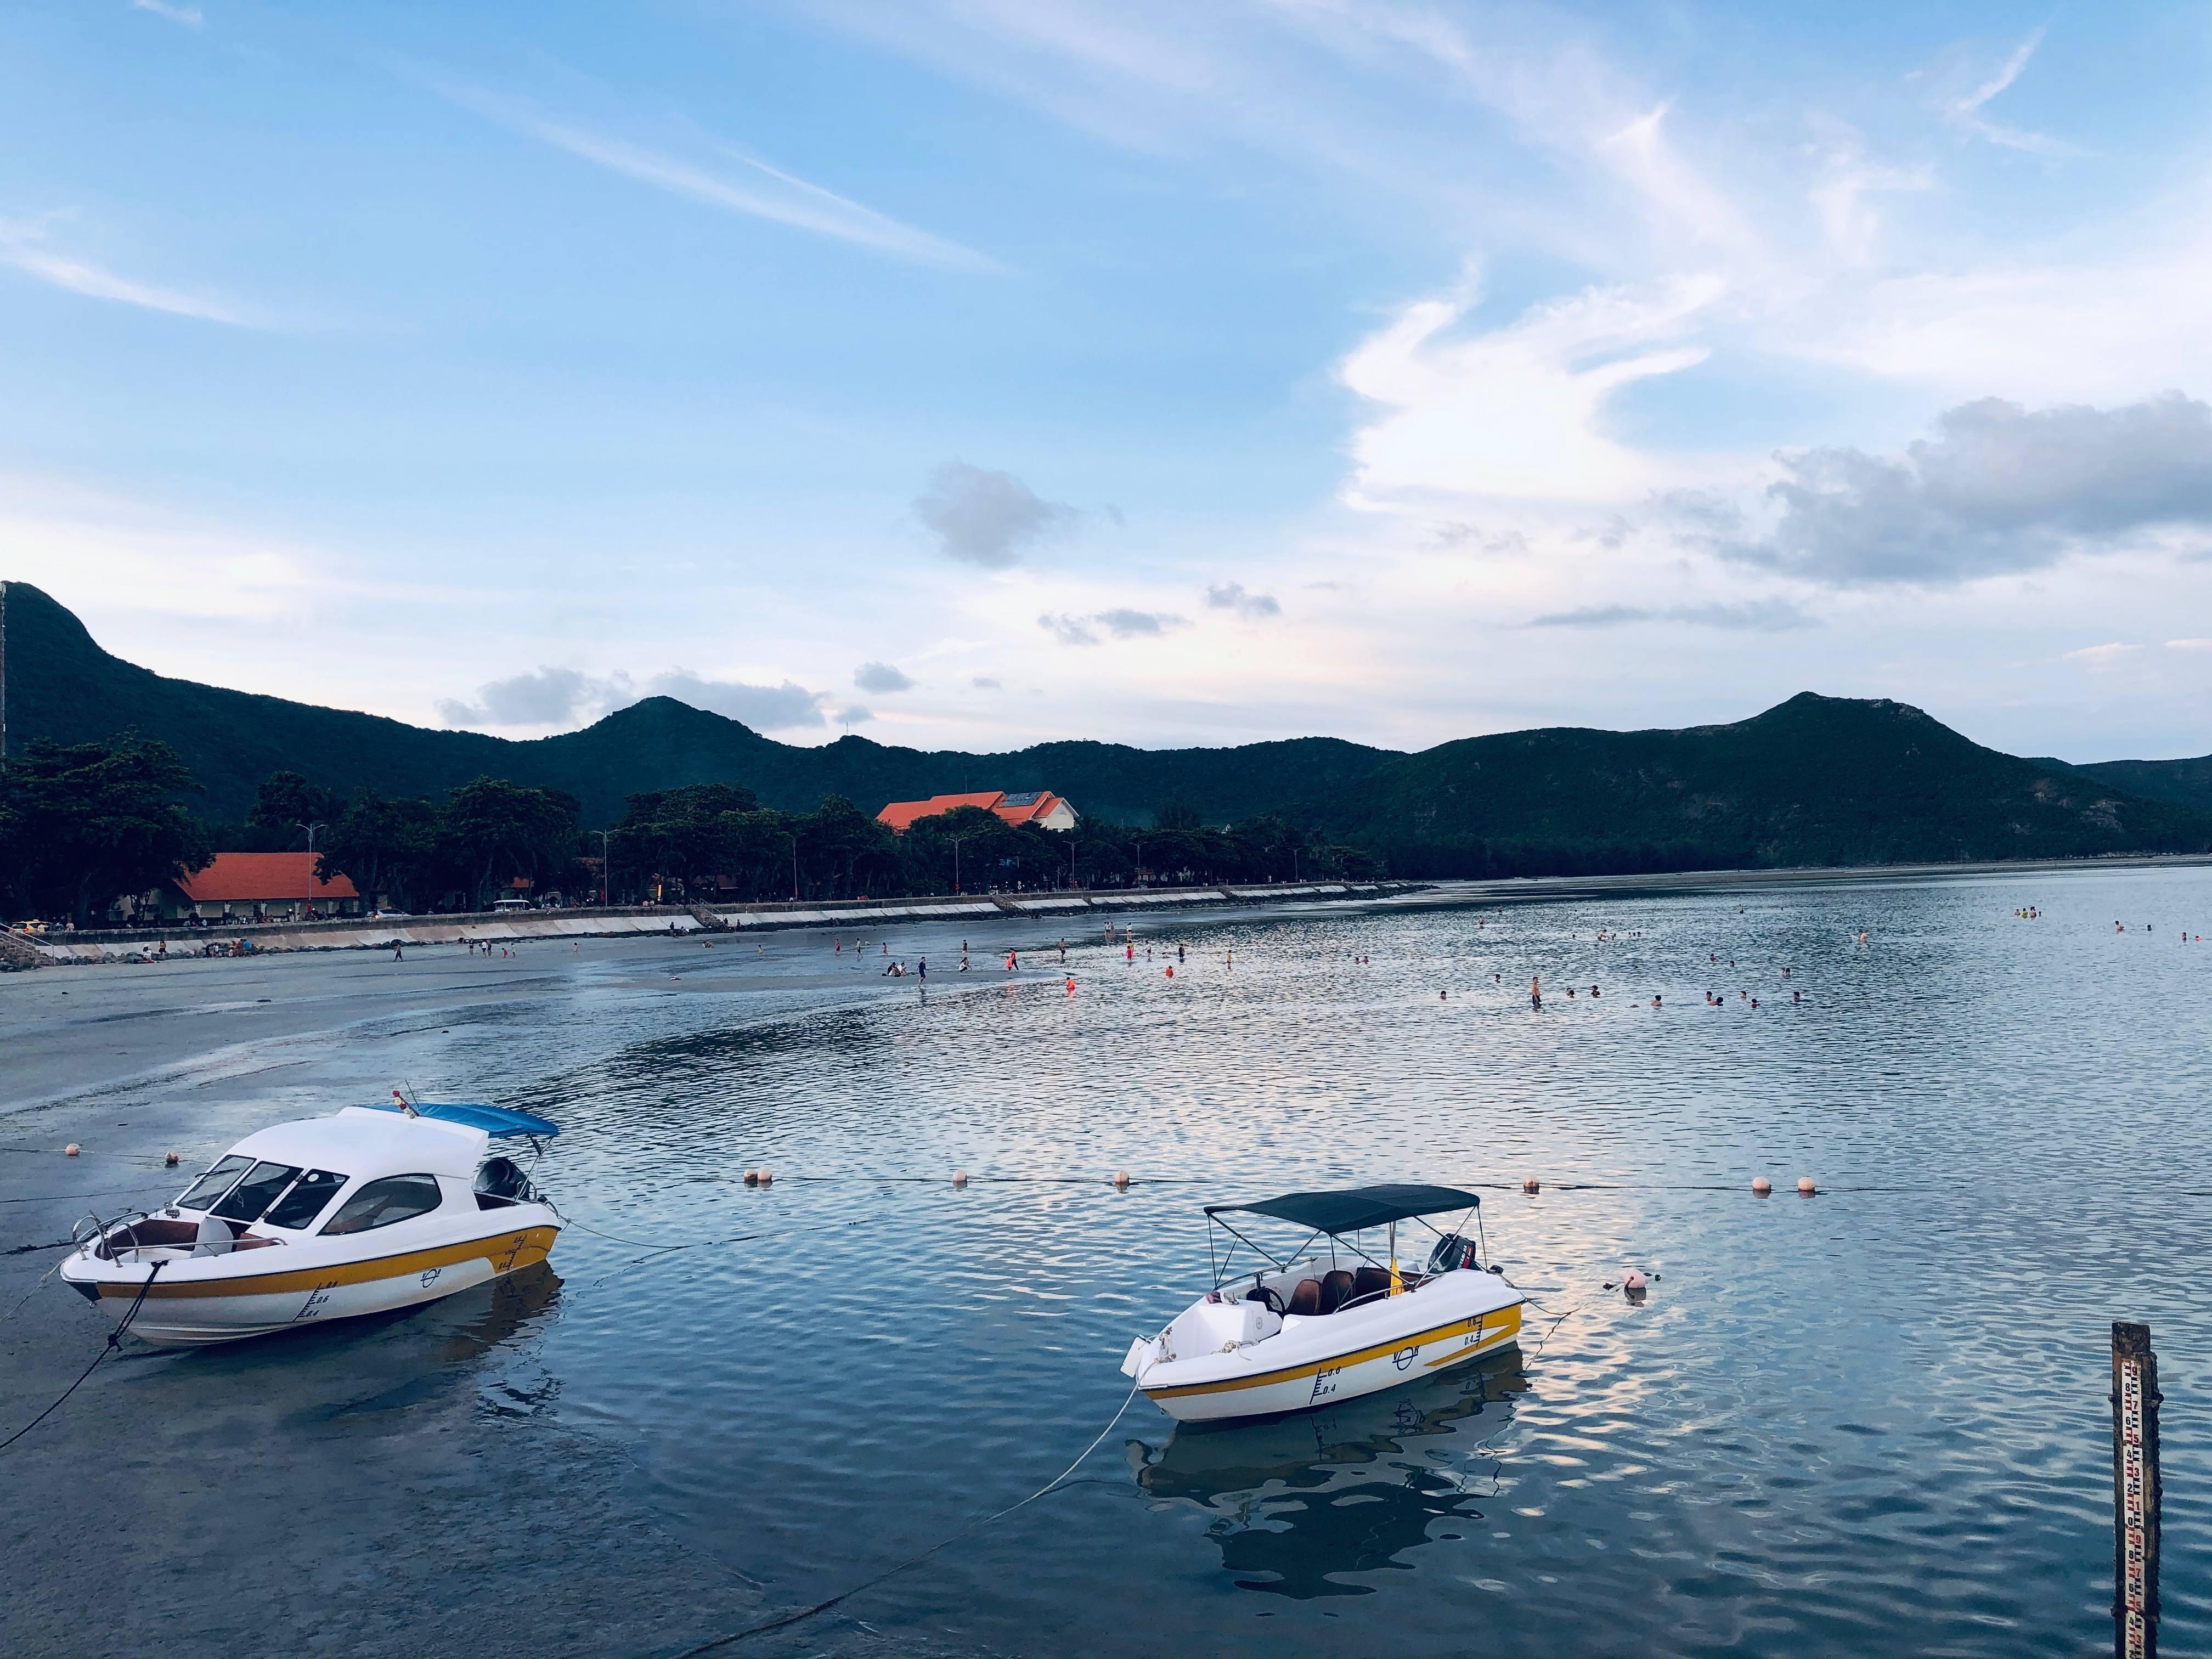 Điểm danh 15 địa điểm siêu đẹp ở Côn Đảo lên hình cực ảo - 8